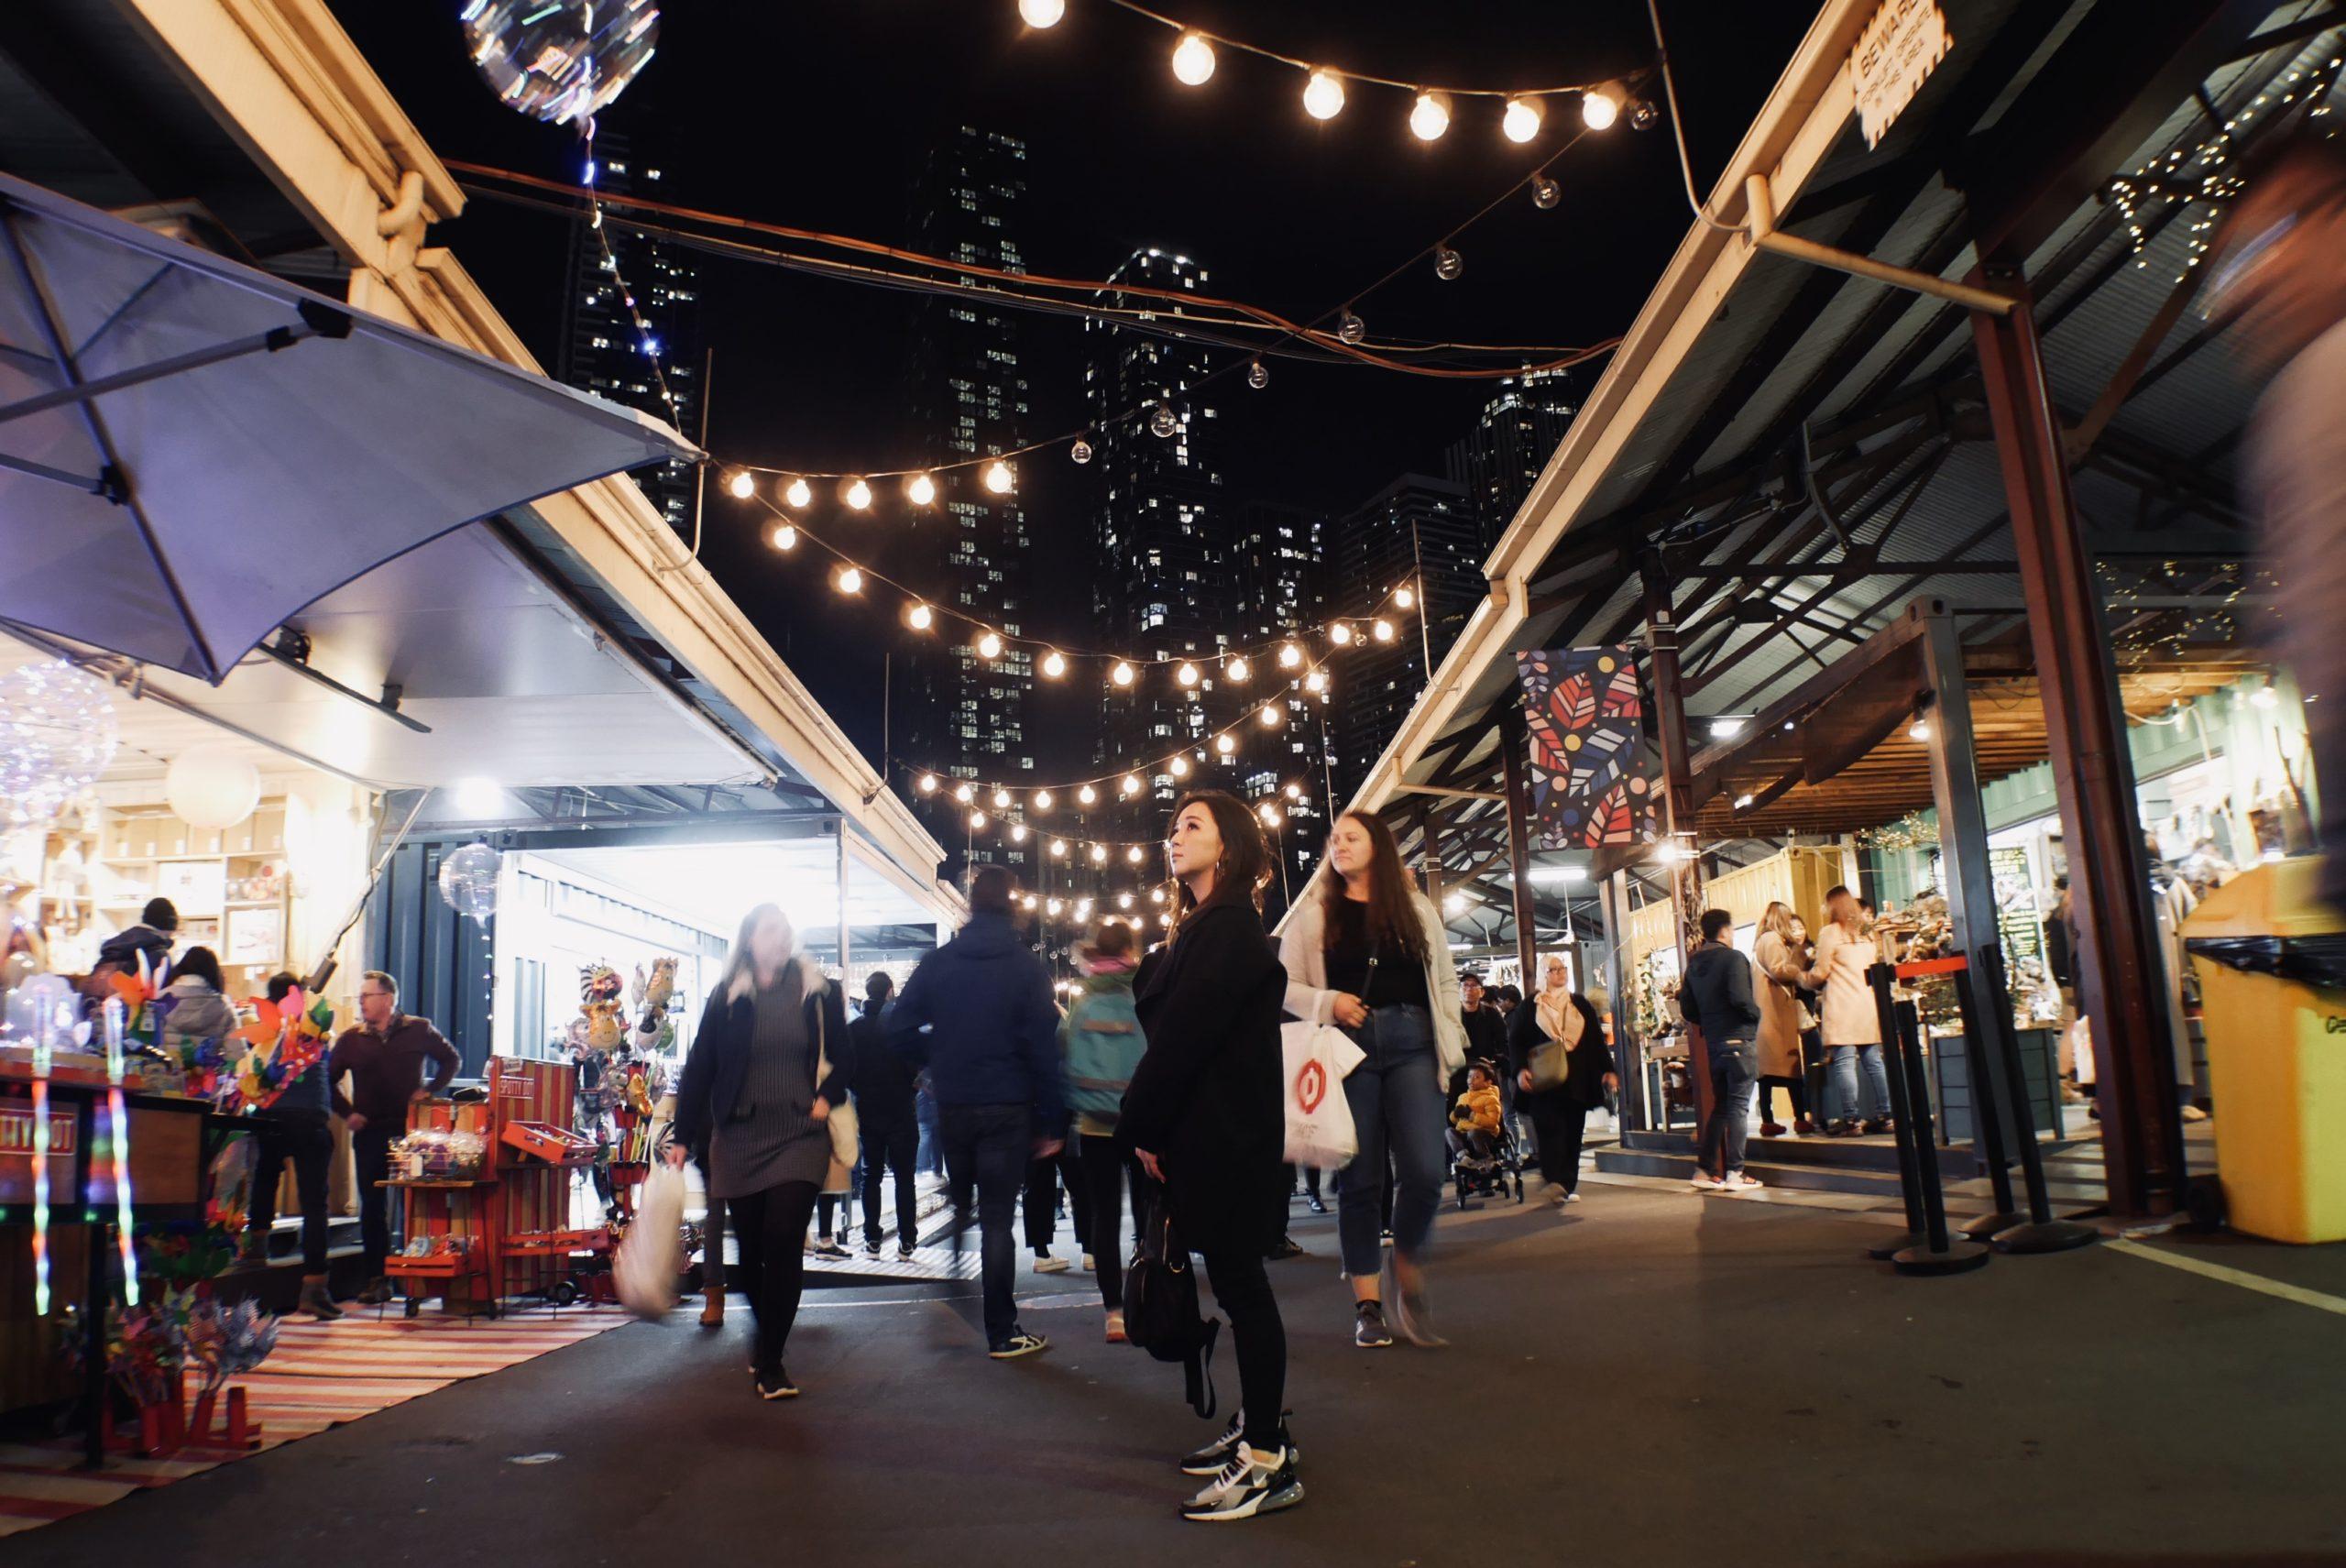 澳洲墨爾本|市區 維多利亞女王市場必吃外帶餐飲及咖啡、冬日夜市彙整